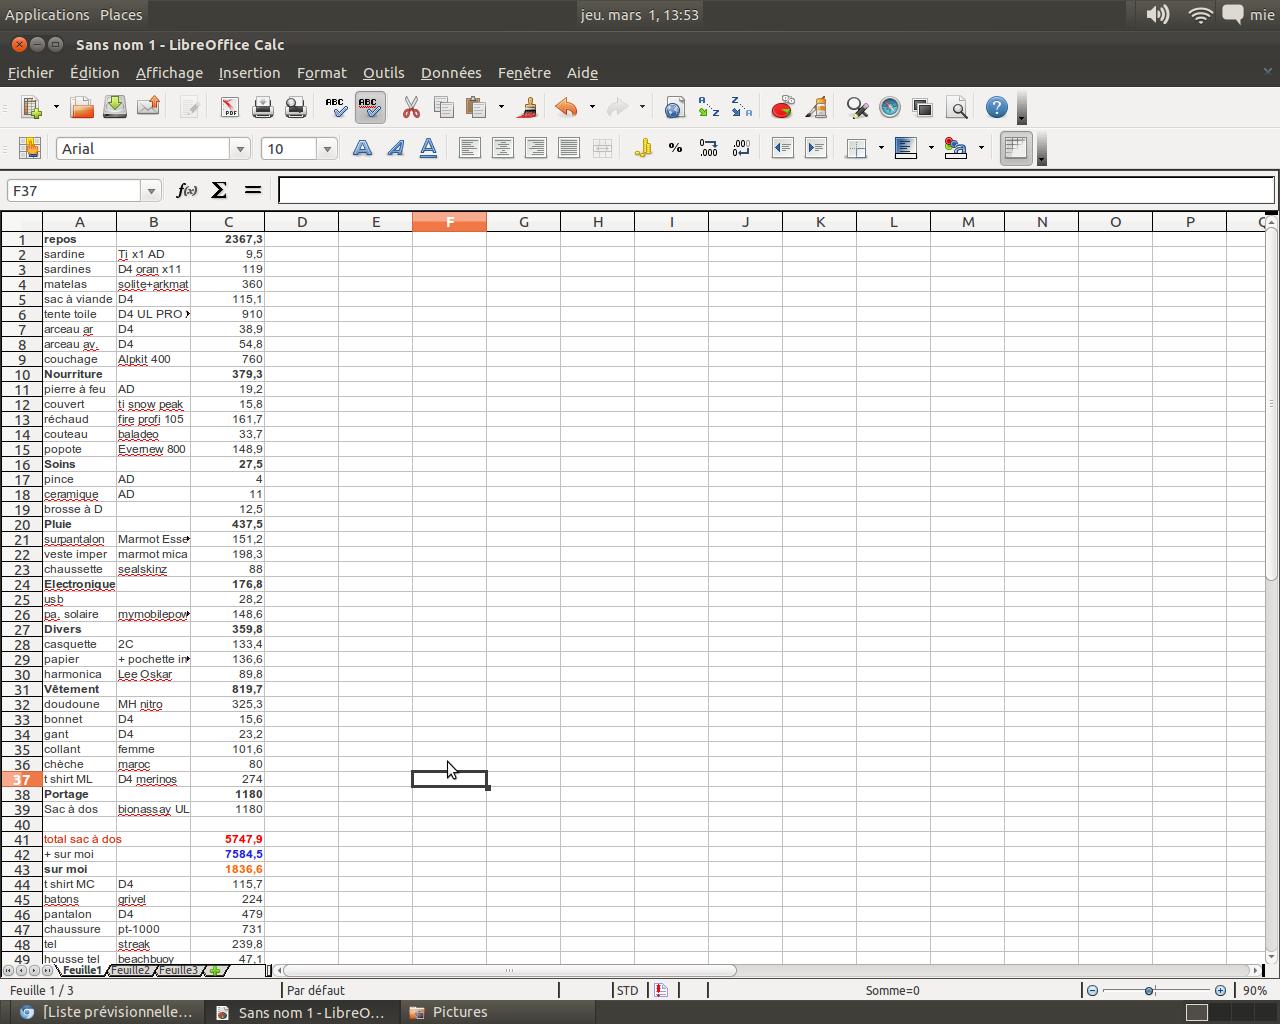 4552_screenshot_at_2012-03-01_135351.png